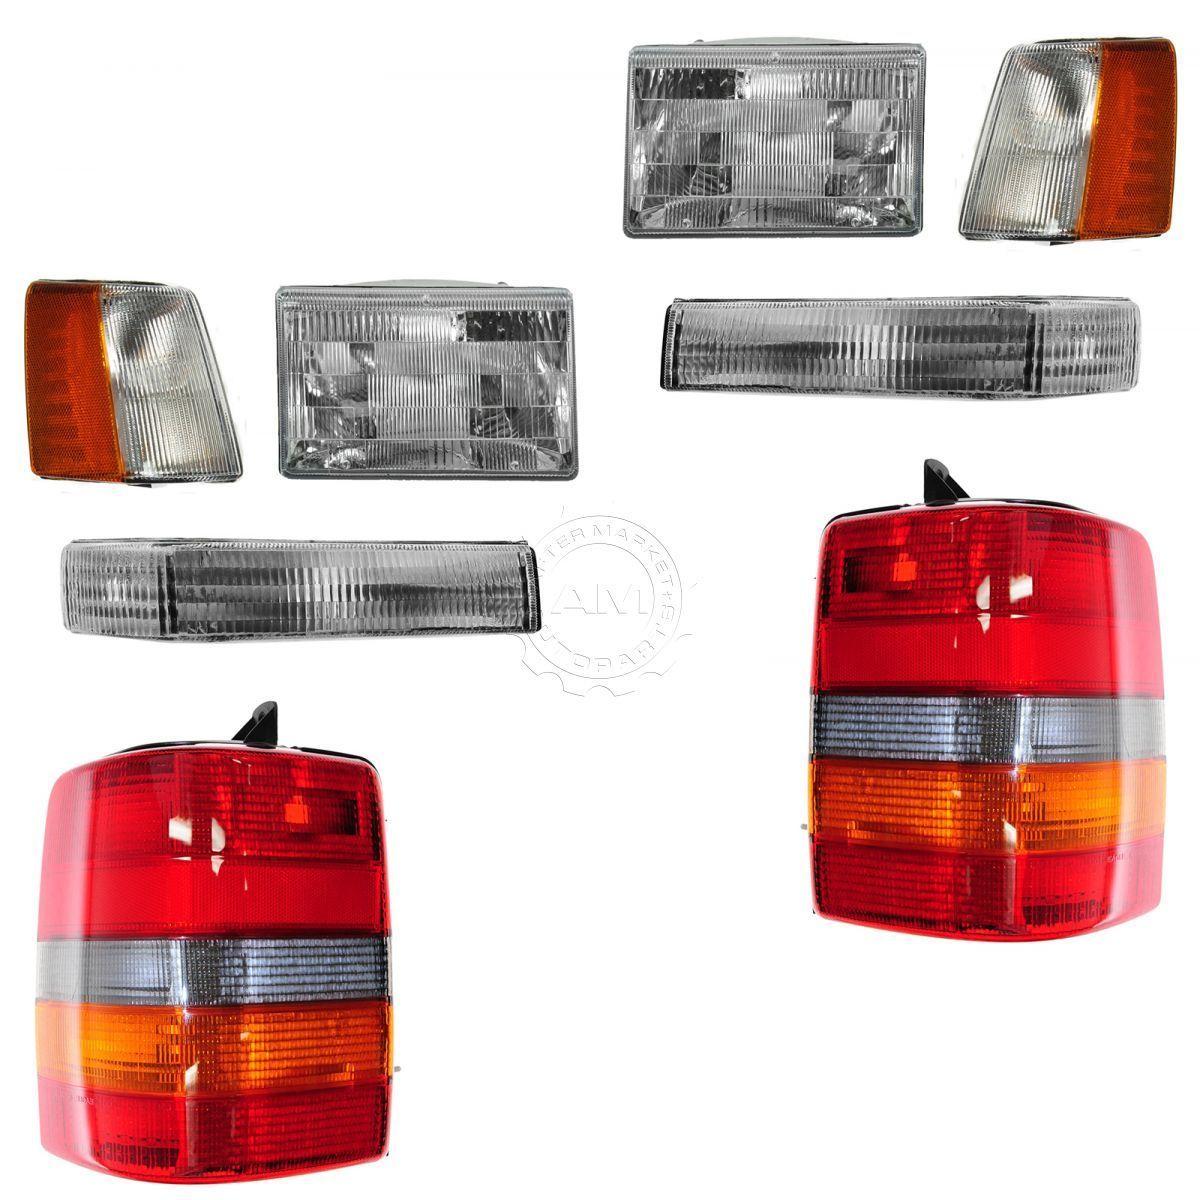 コーナーライト Headlights & Parking Corner Lights & Taillights Set Kit for 97-98 Grand Cherokee ヘッドライト& パーキングコーナーライト& 97-98グランドチェロキー用のティアライズセットキット